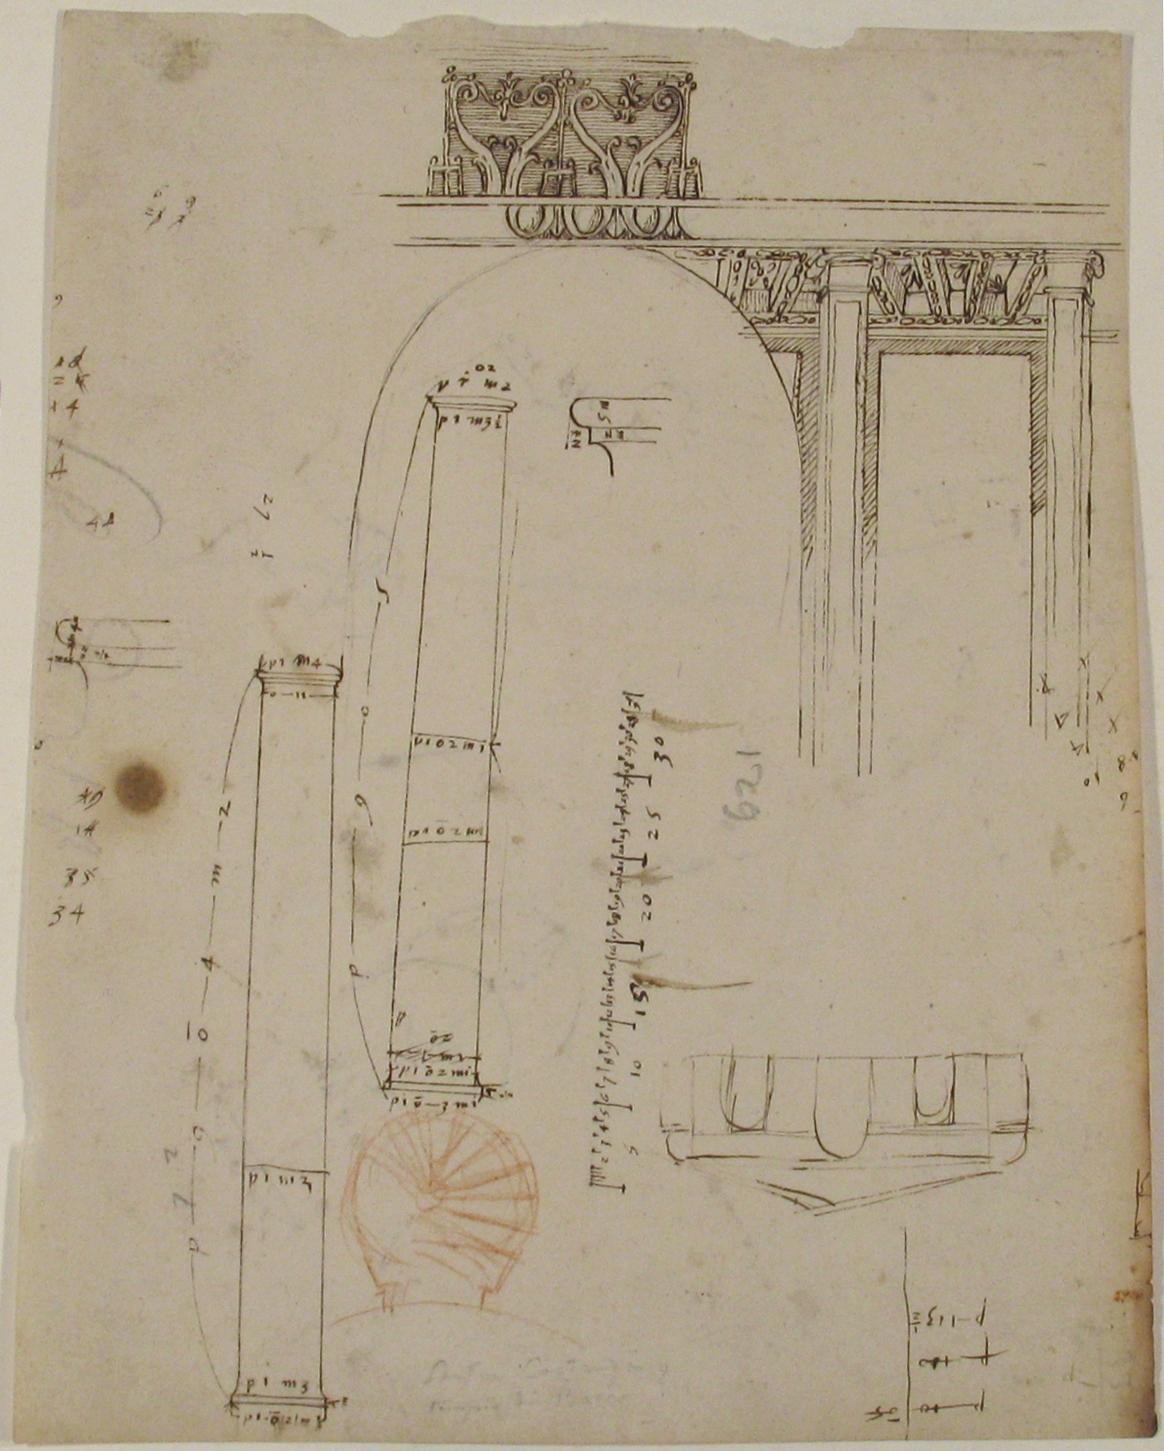 File:S  Costanza, drum, interior, elevation